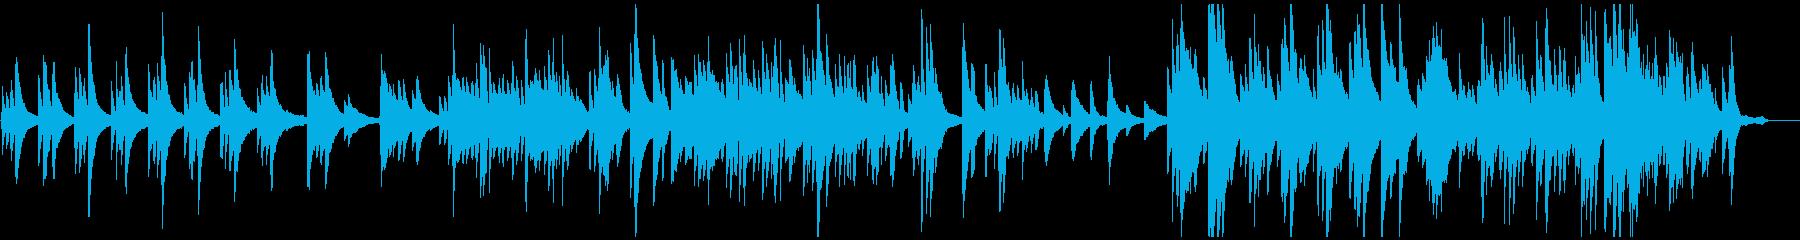 優しい感動のピアノバラードの再生済みの波形